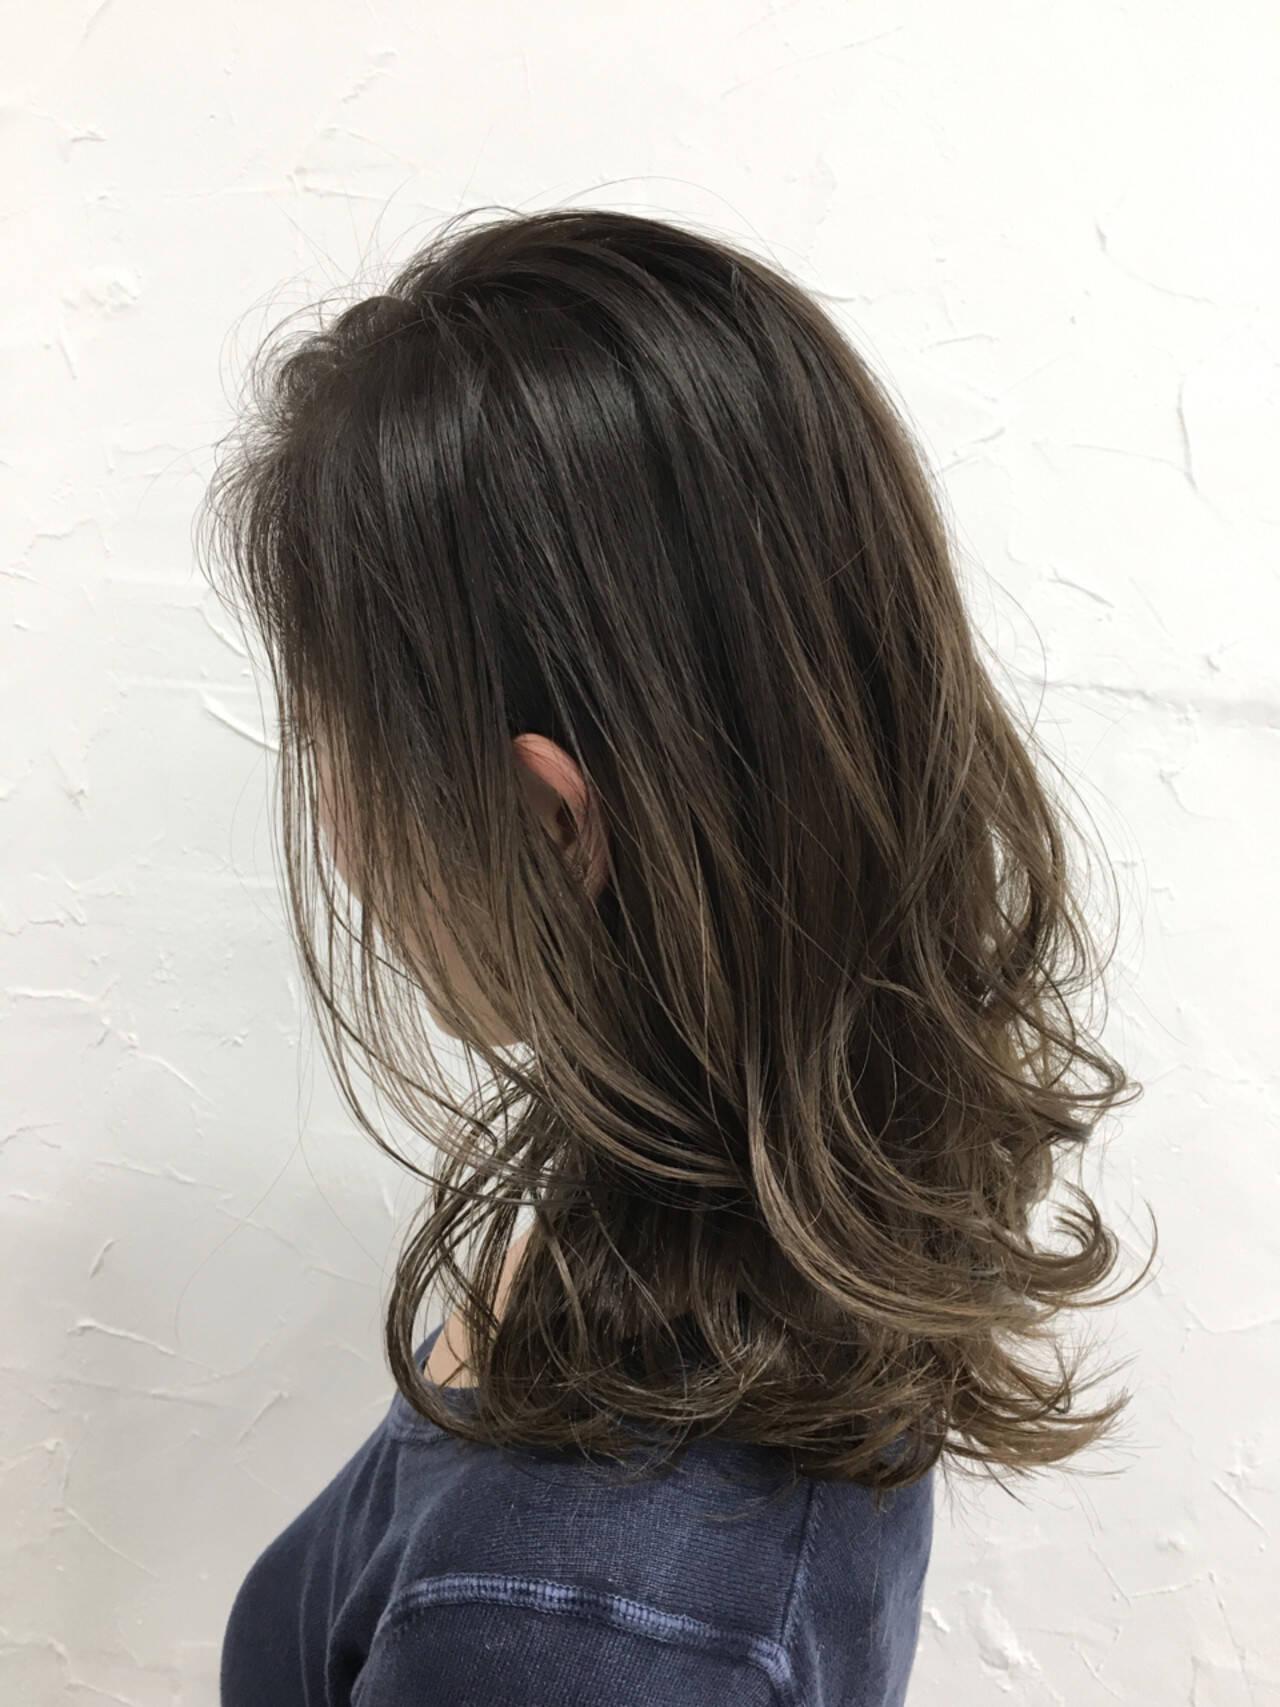 ミディアム 外国人風 暗髪 アッシュヘアスタイルや髪型の写真・画像